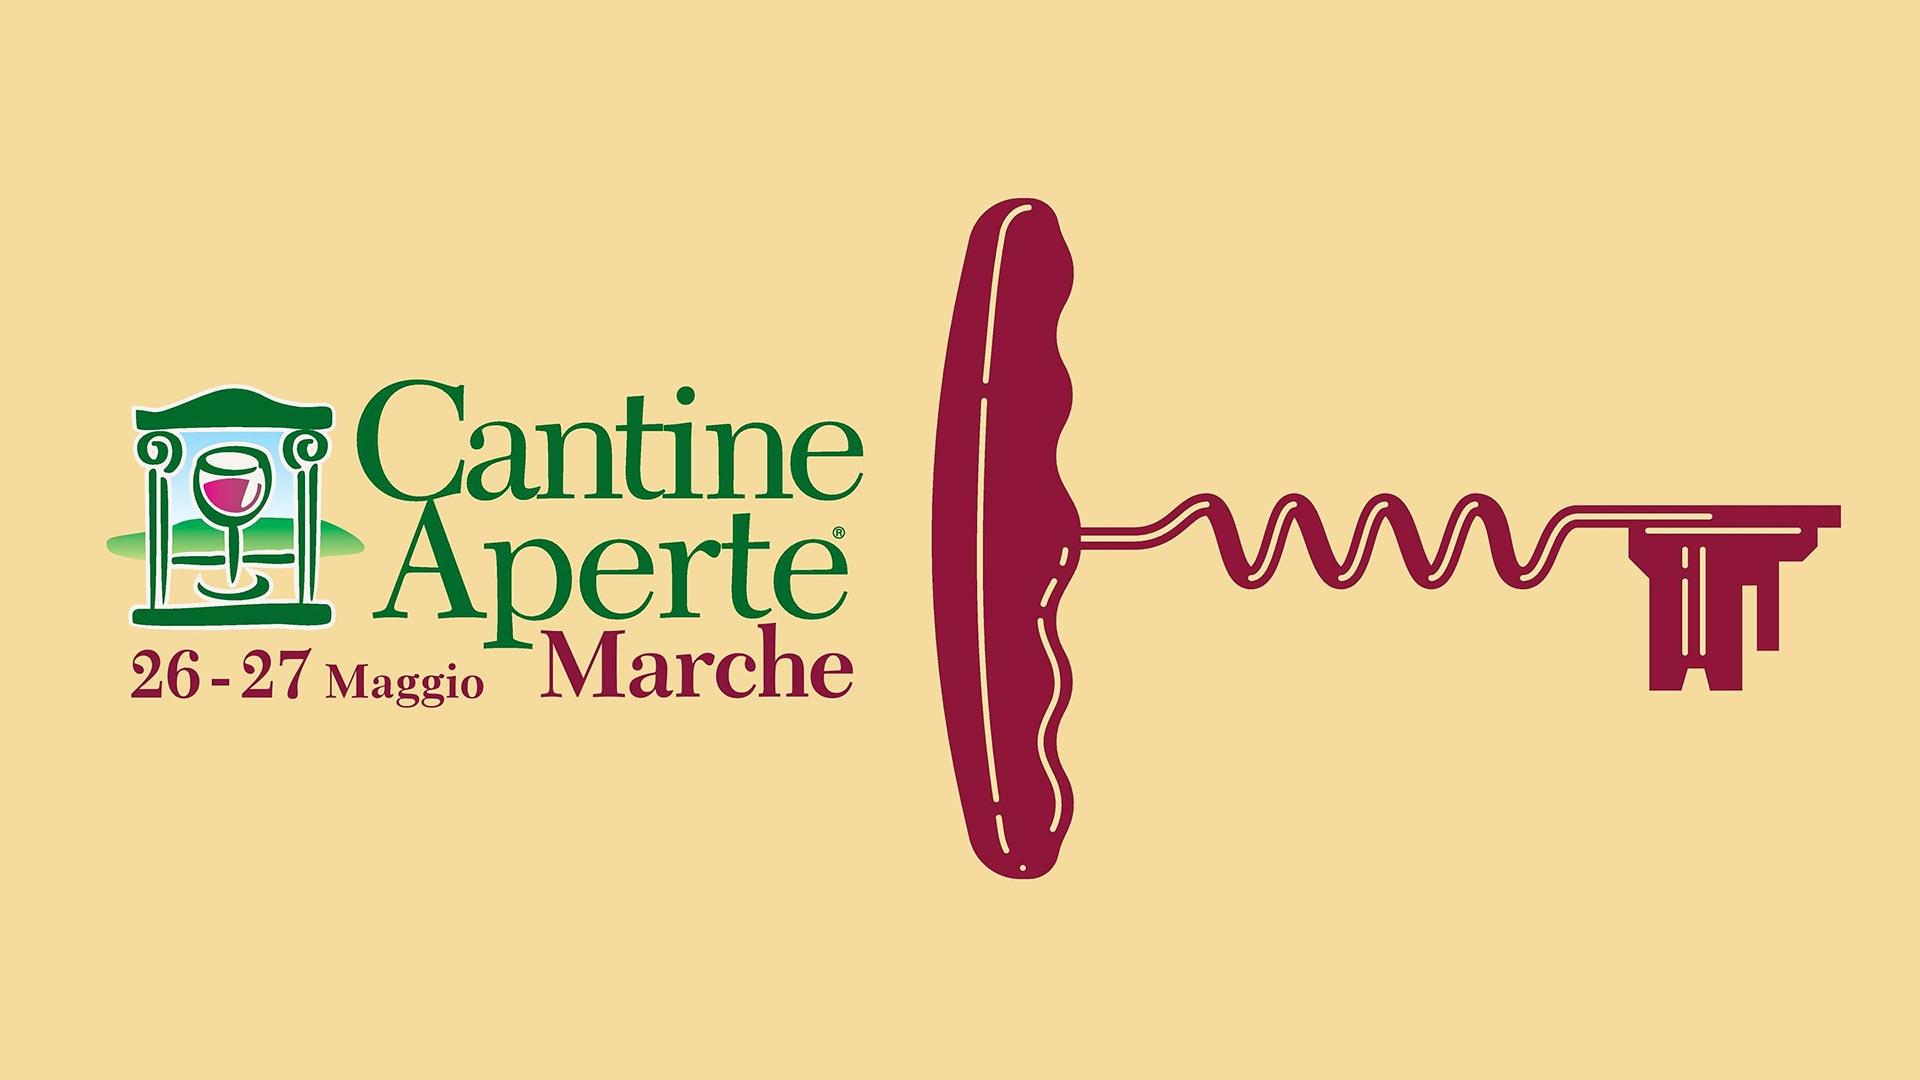 Cantine Aperte 2018 @Cantina Fiorini